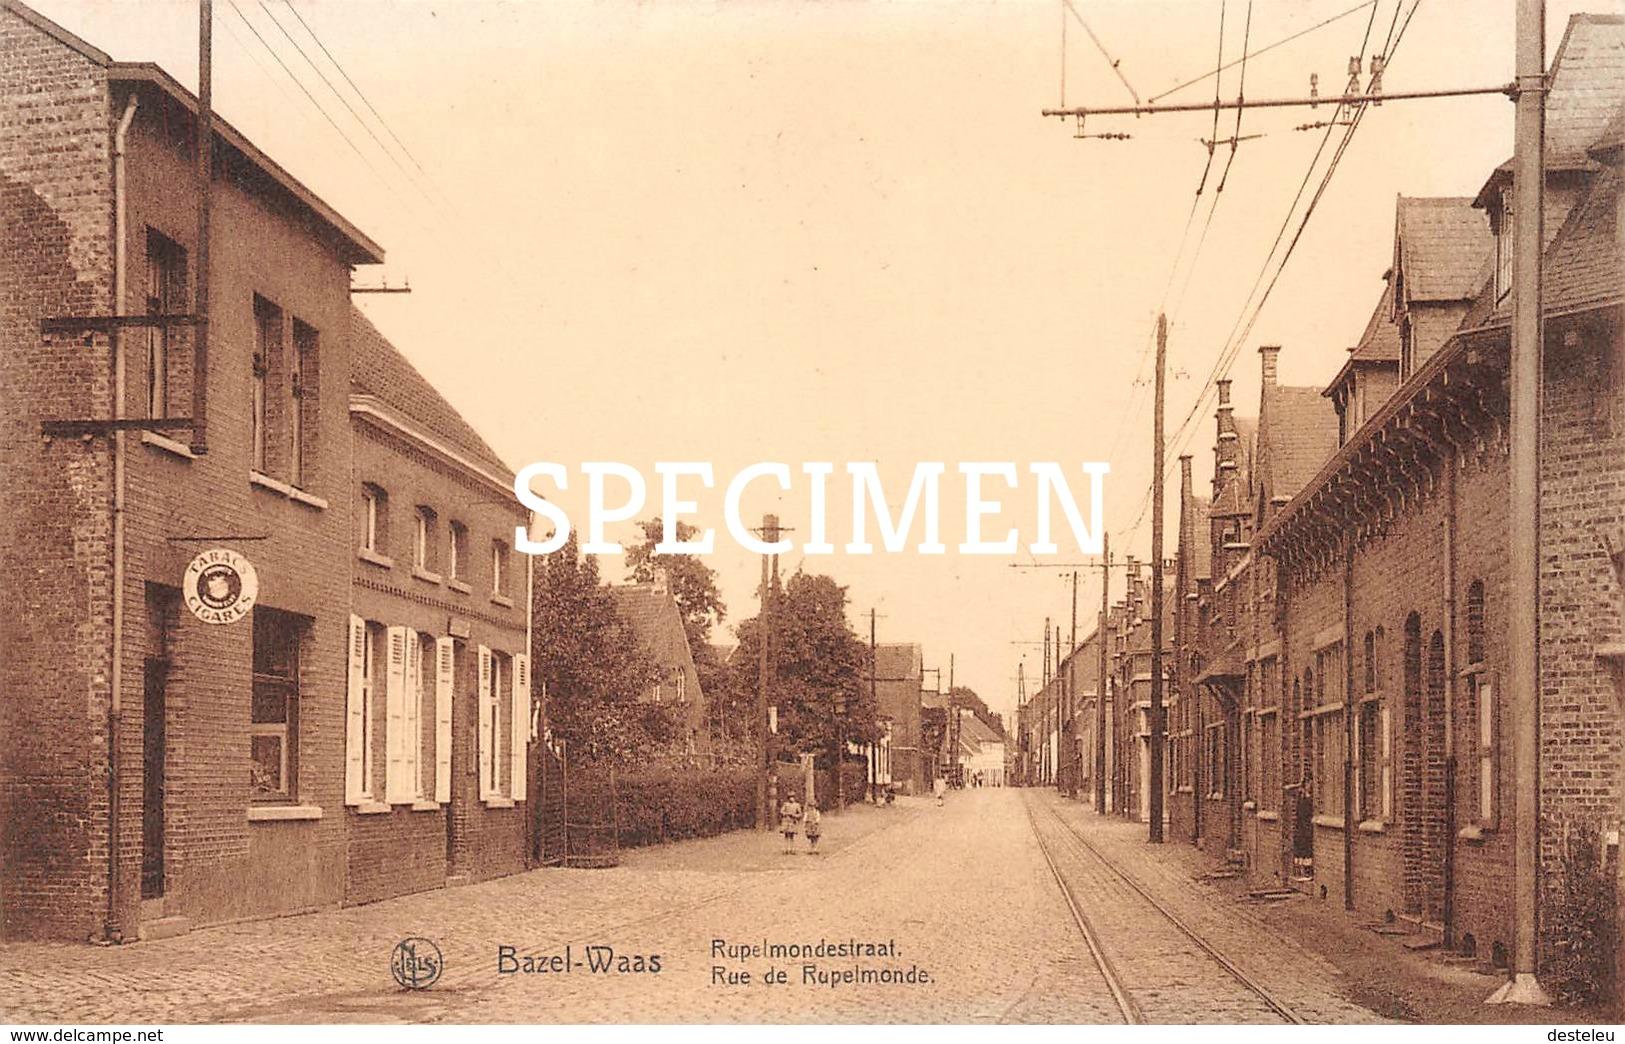 Rupelmondestraat - Bazel-Waas - Bazel - Kruibeke